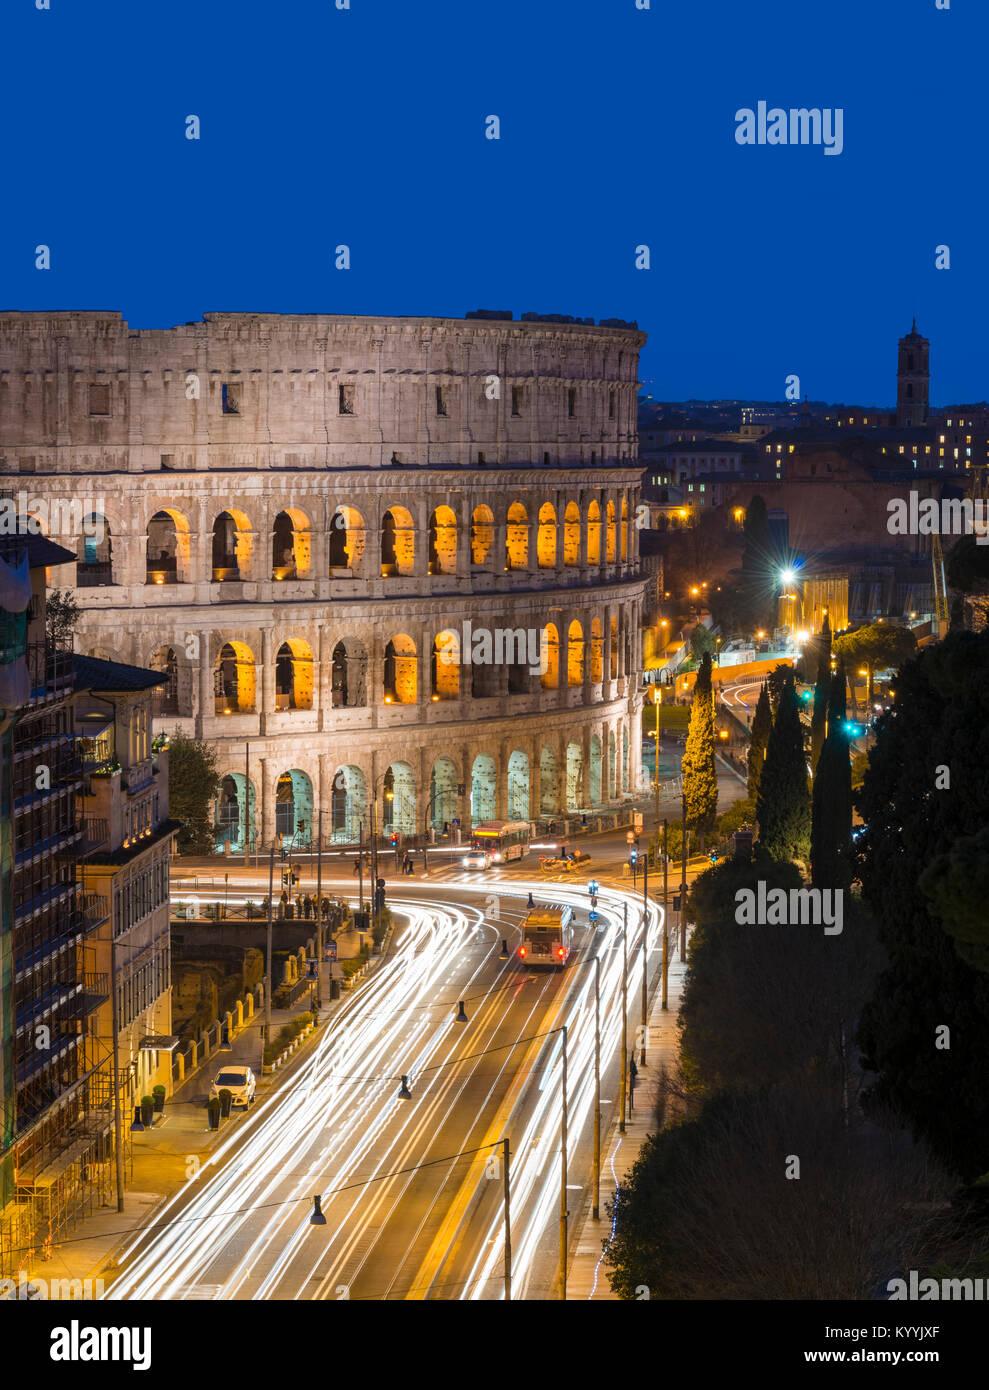 El Coliseo, Roma, Italia en la noche Imagen De Stock